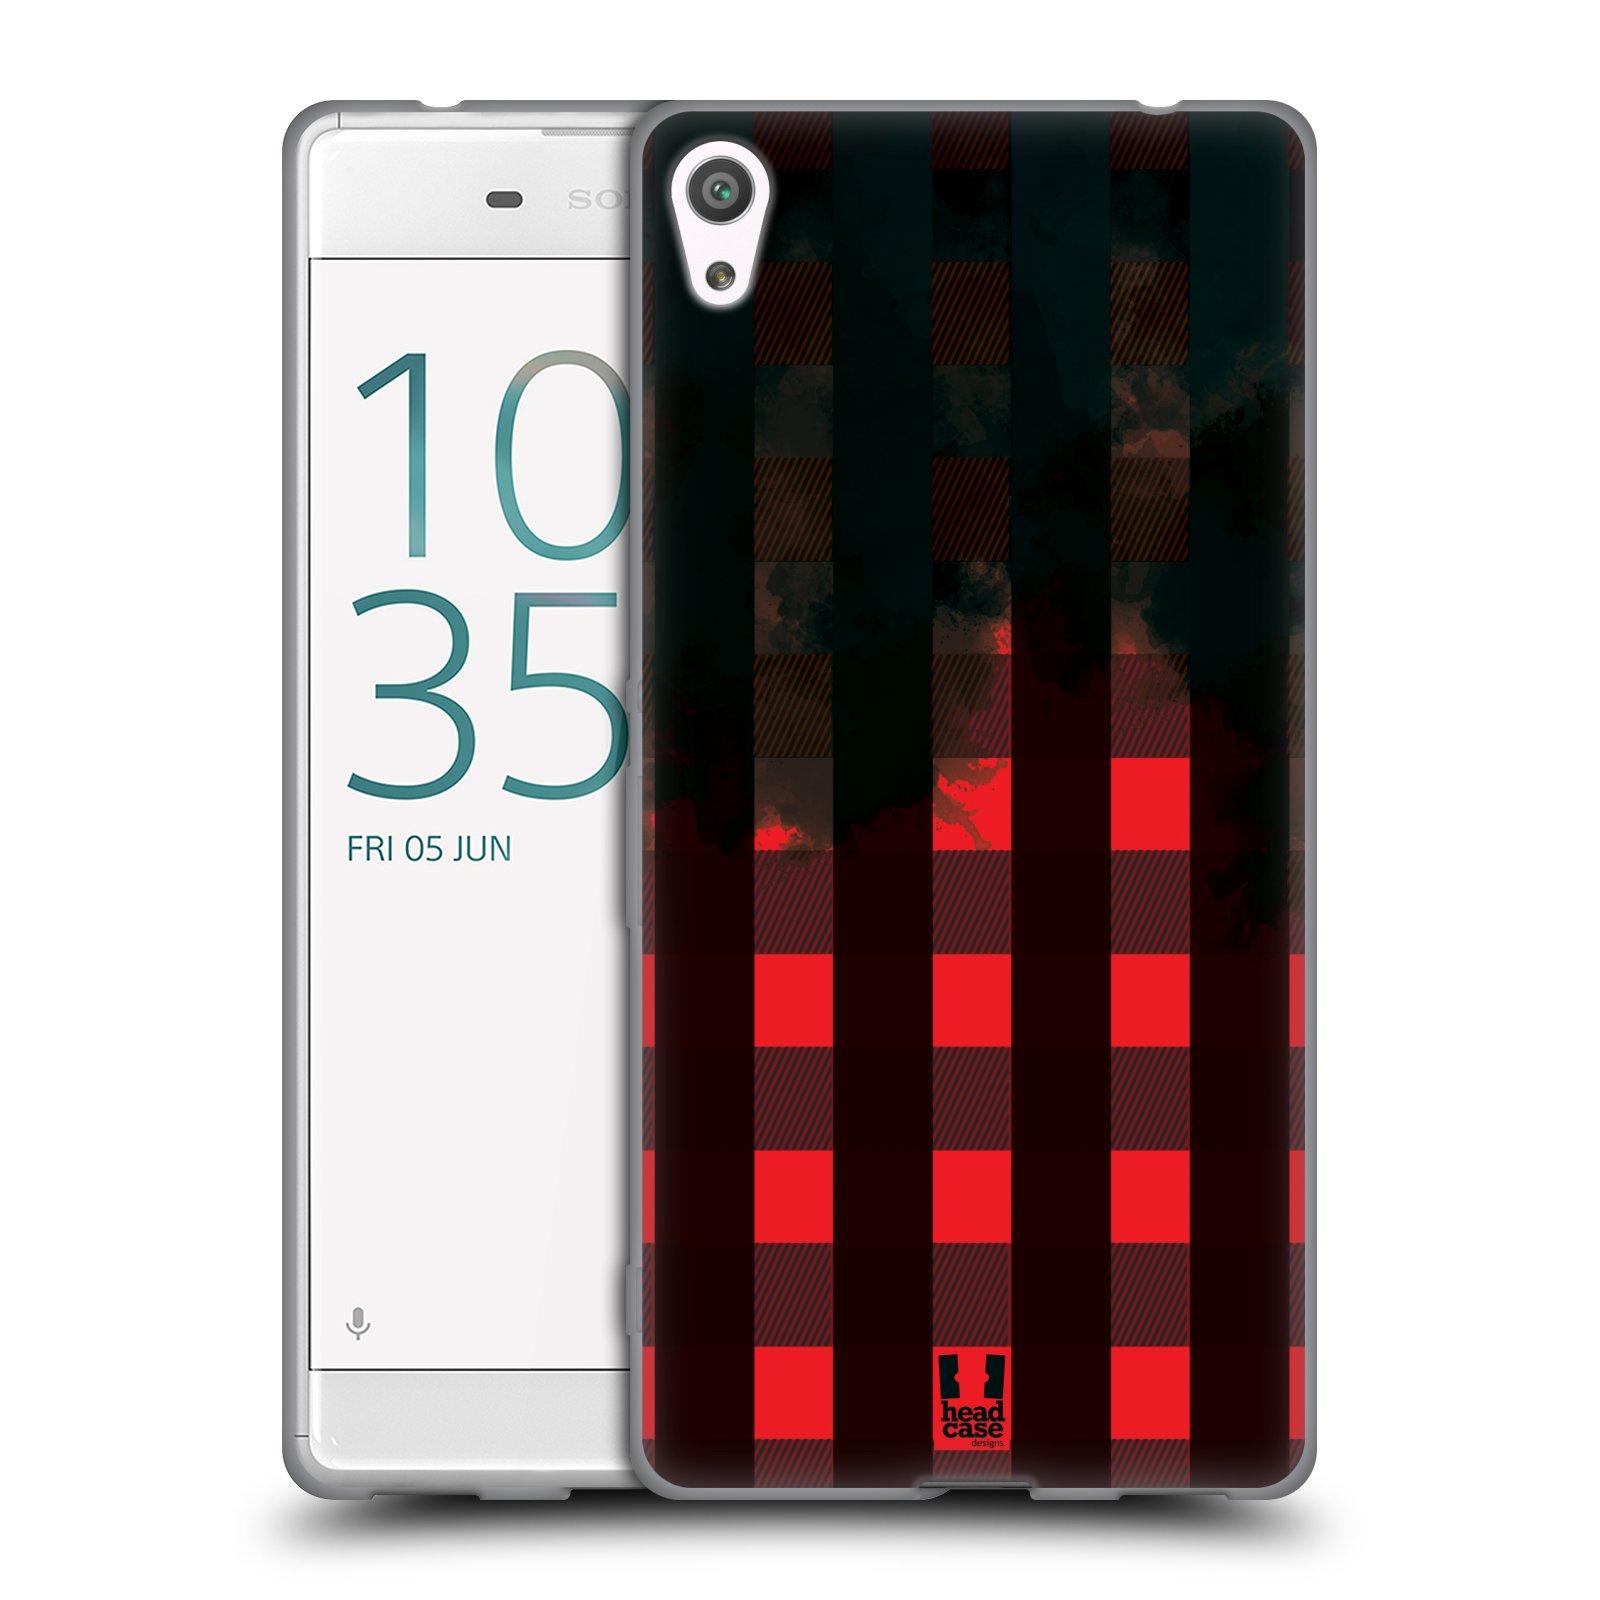 Silikonové pouzdro na mobil Sony Xperia XA Ultra HEAD CASE FLANEL RED BLACK (Silikonový kryt či obal na mobilní telefon Sony Xperia XA Ultra F3211)